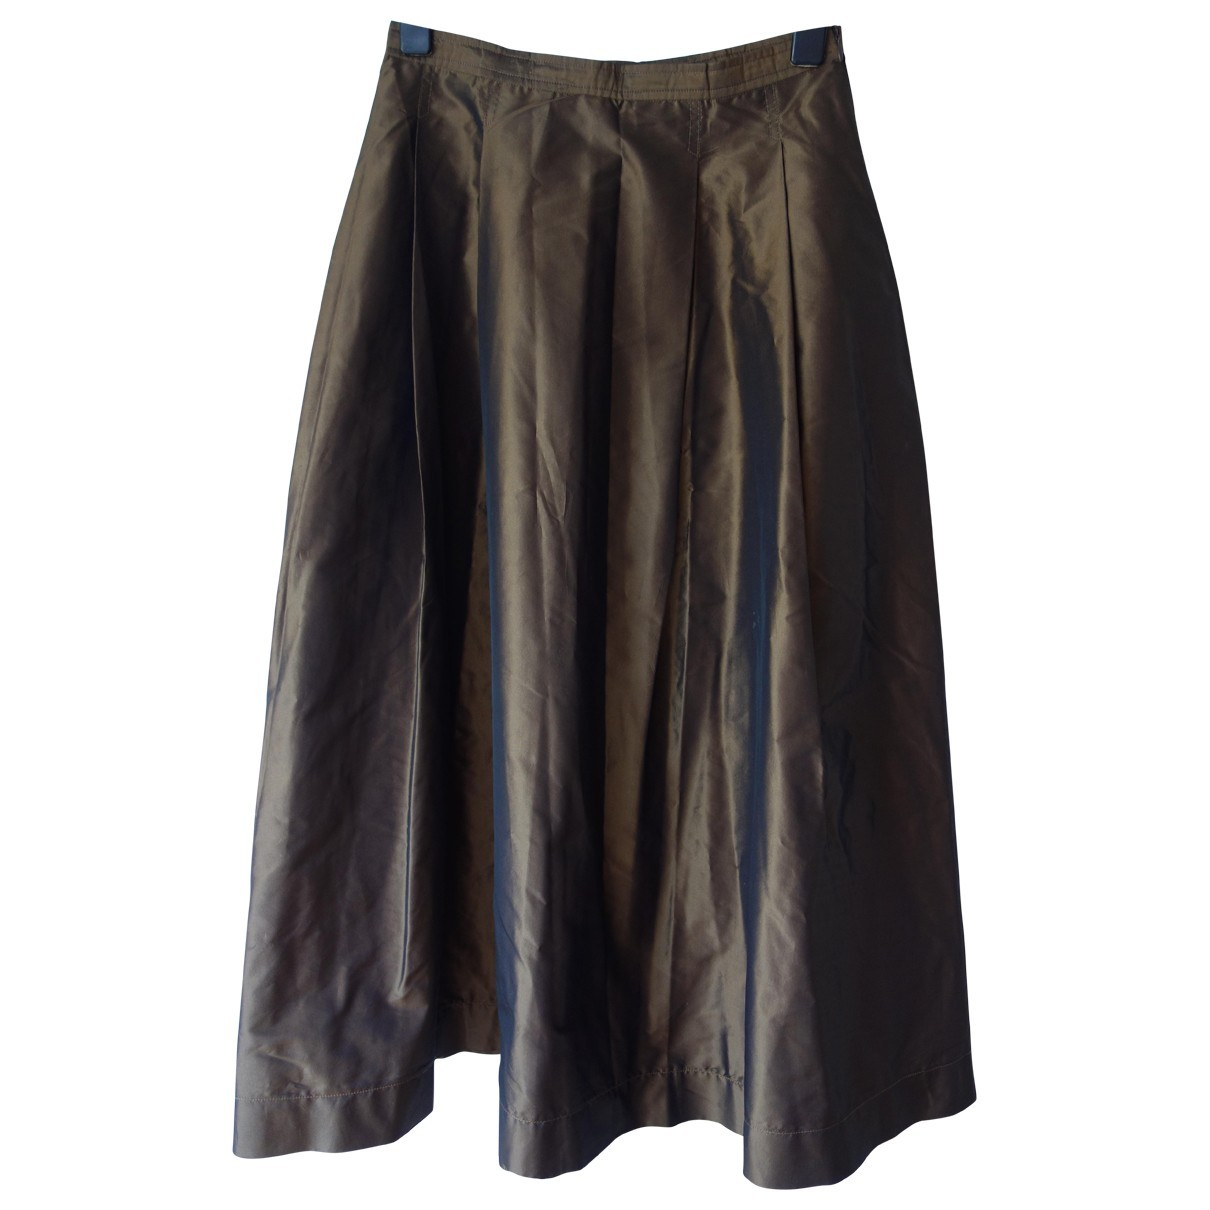 Sofie Dhoore - Jupe   pour femme en soie - marron